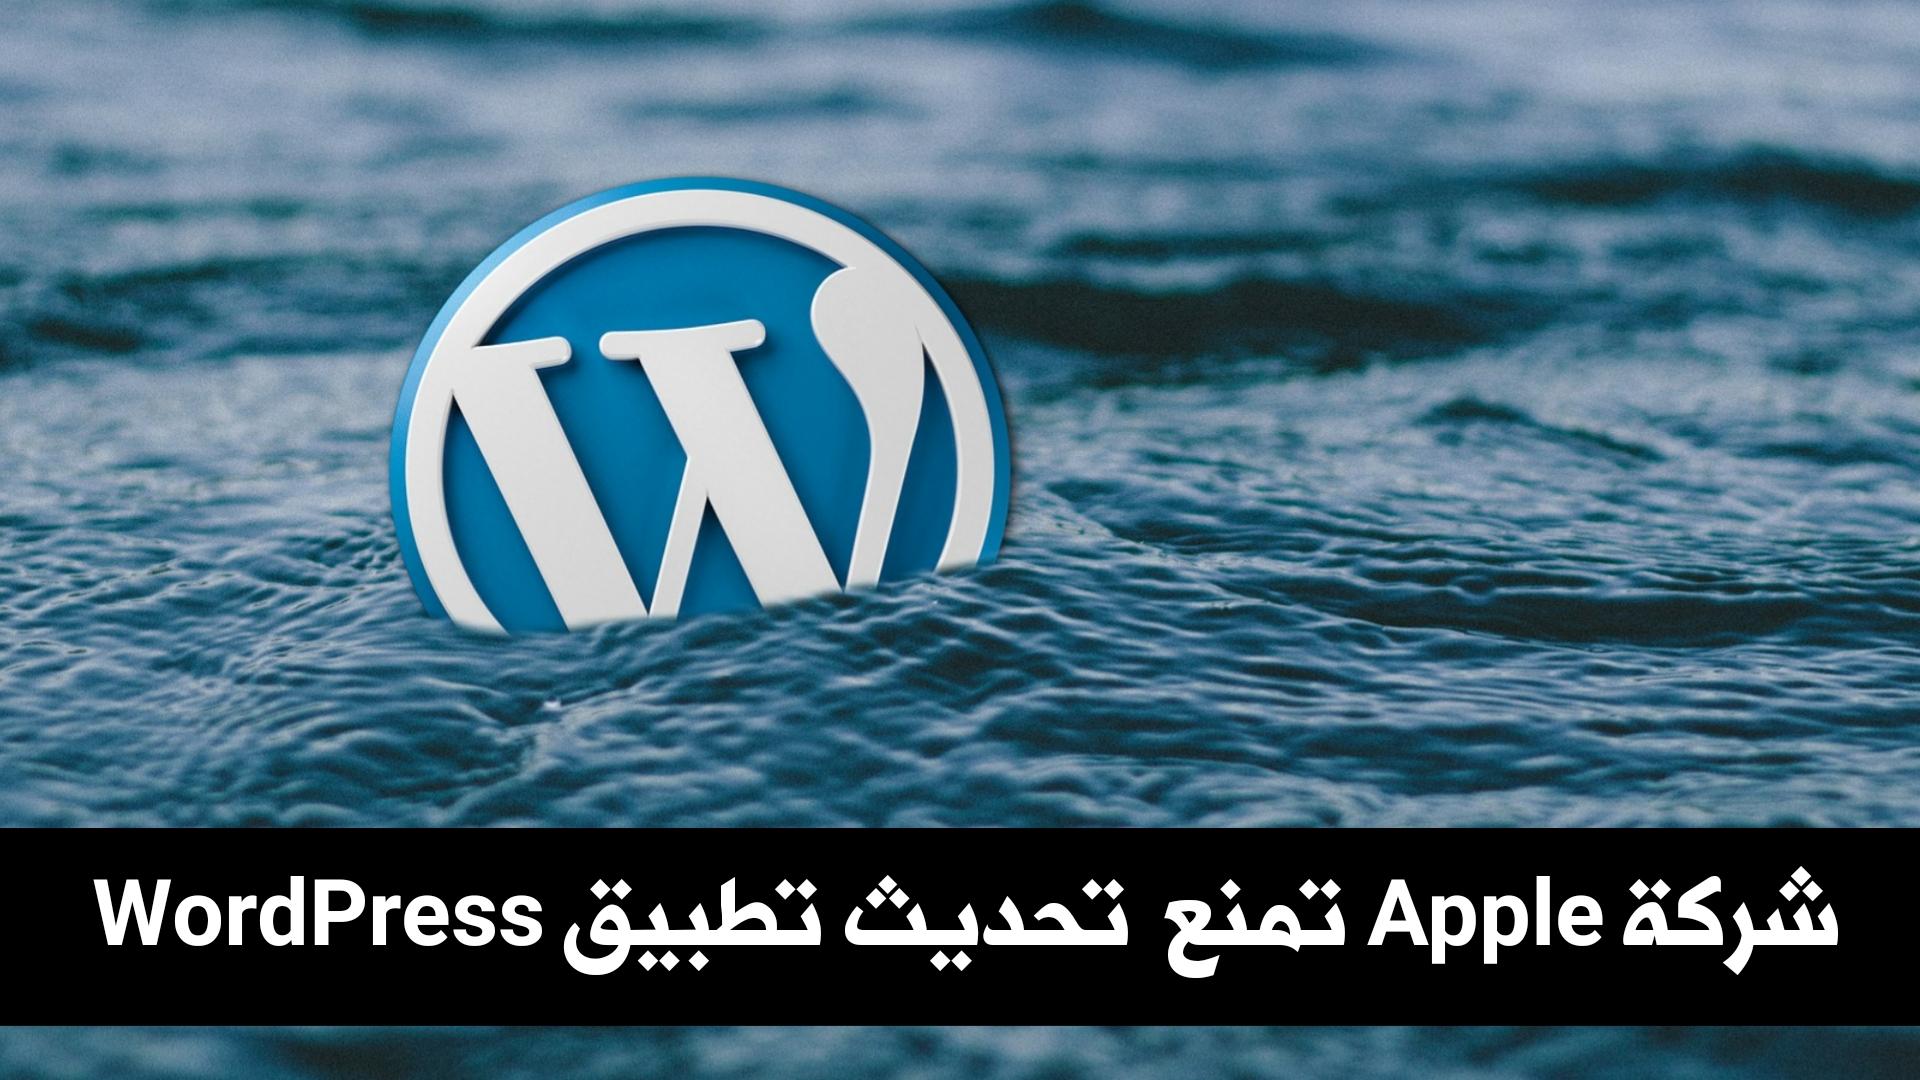 شركة Apple تمنع تحديث تطبيق WordPress على نظام IOS كما حدث مع شركة Epic Games